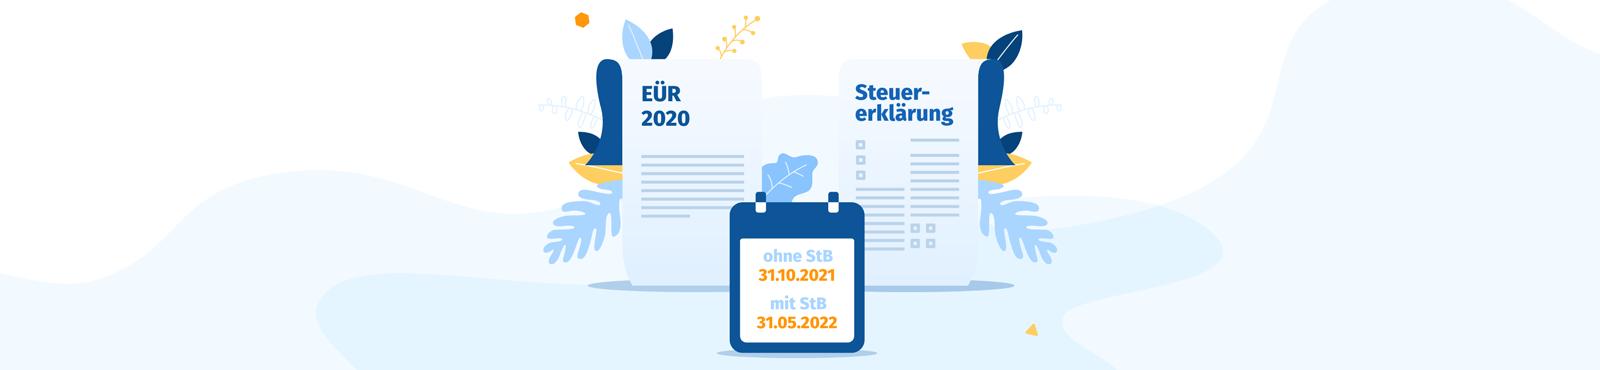 Fristverlängerungen für EÜR und Steuererklärungen des Corona-Jahres 2020